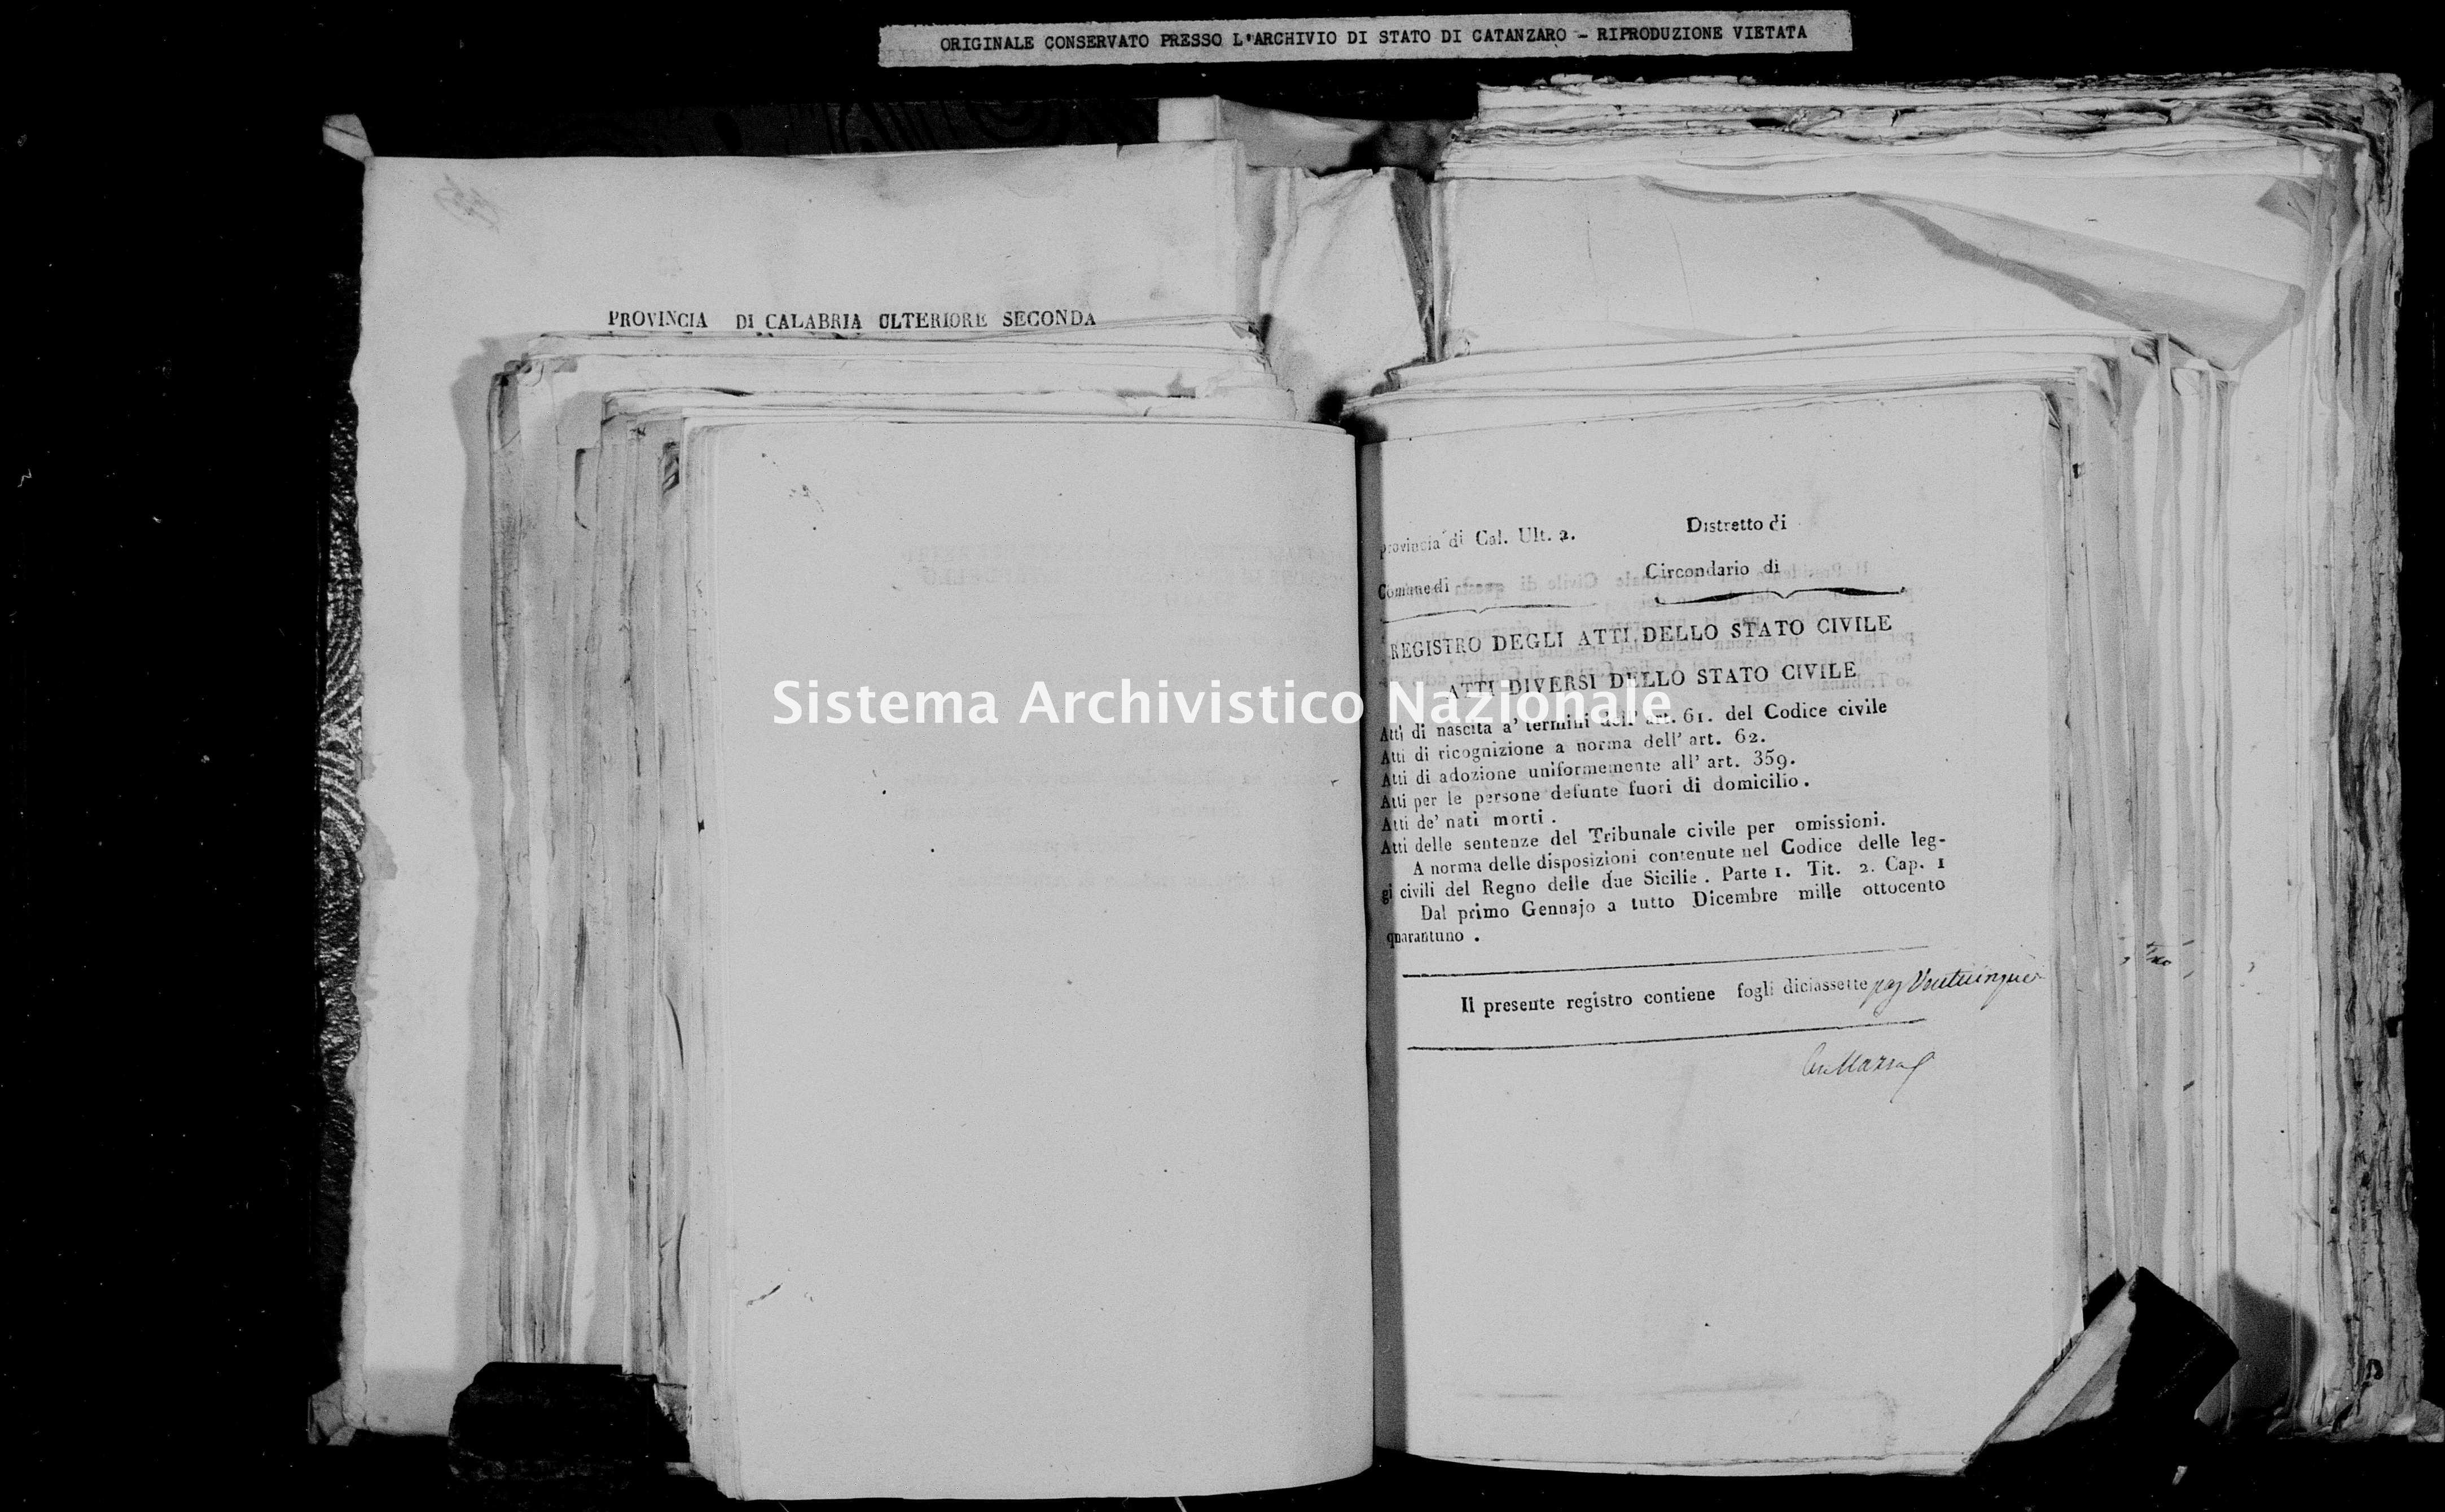 Archivio di stato di Catanzaro - Stato civile della restaurazione - Chiaravalle - Diversi - 1841 -